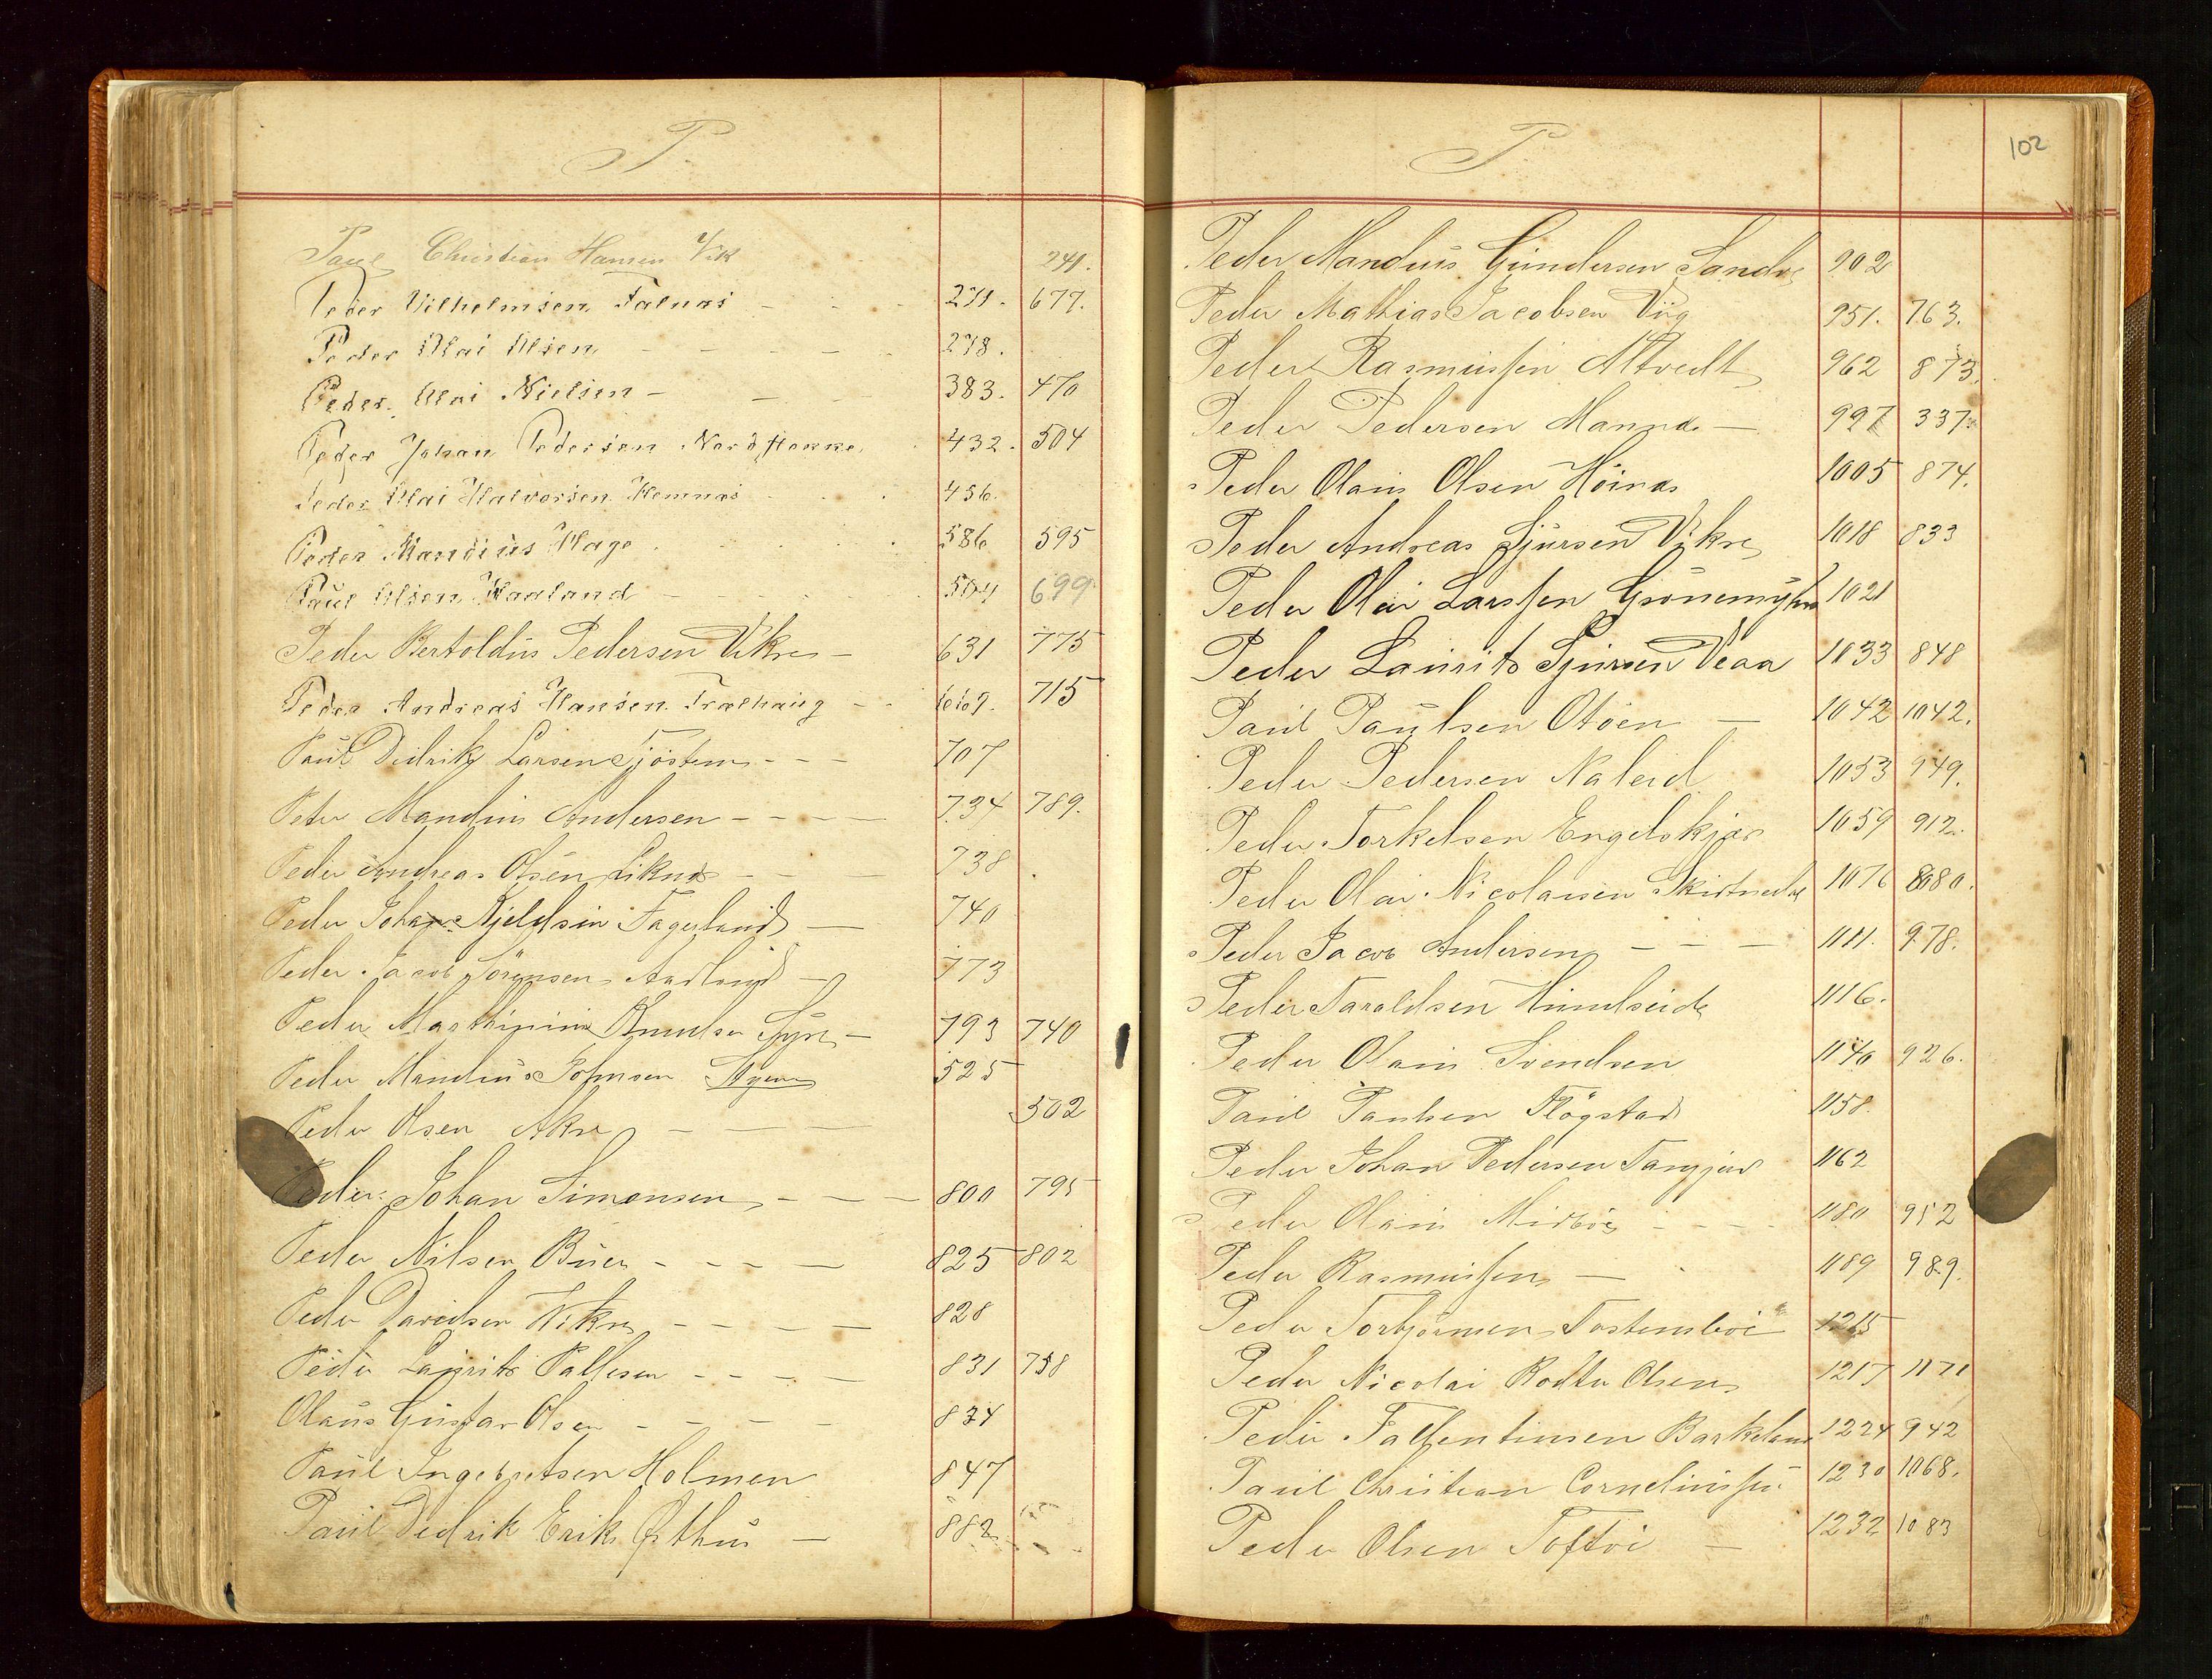 SAST, Haugesund sjømannskontor, F/Fb/Fba/L0003: Navneregister med henvisning til rullenummer (fornavn) Haugesund krets, 1860-1948, s. 102